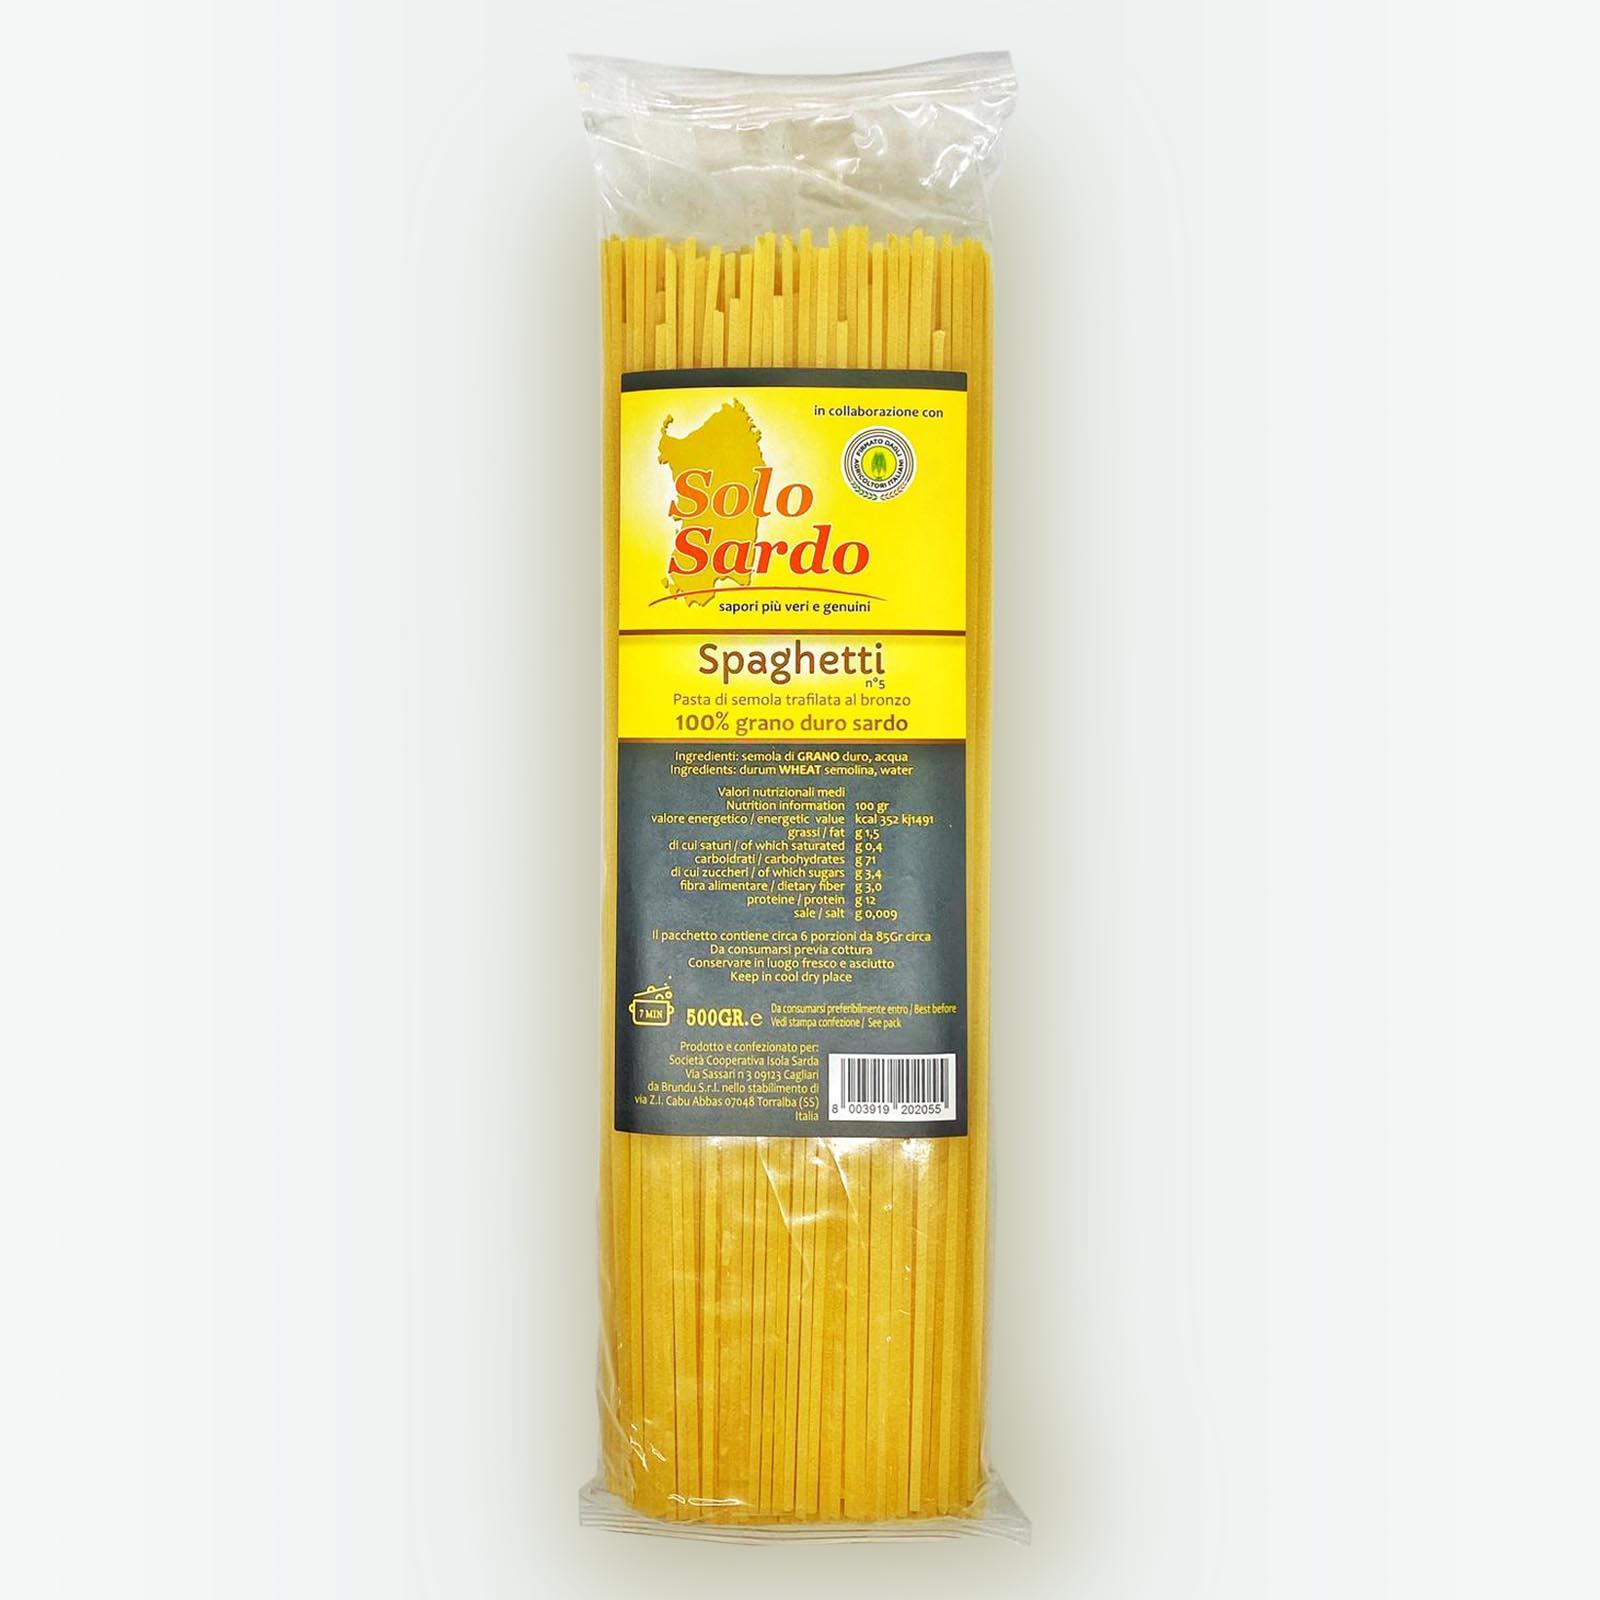 Spaghetti - Solo Sardo